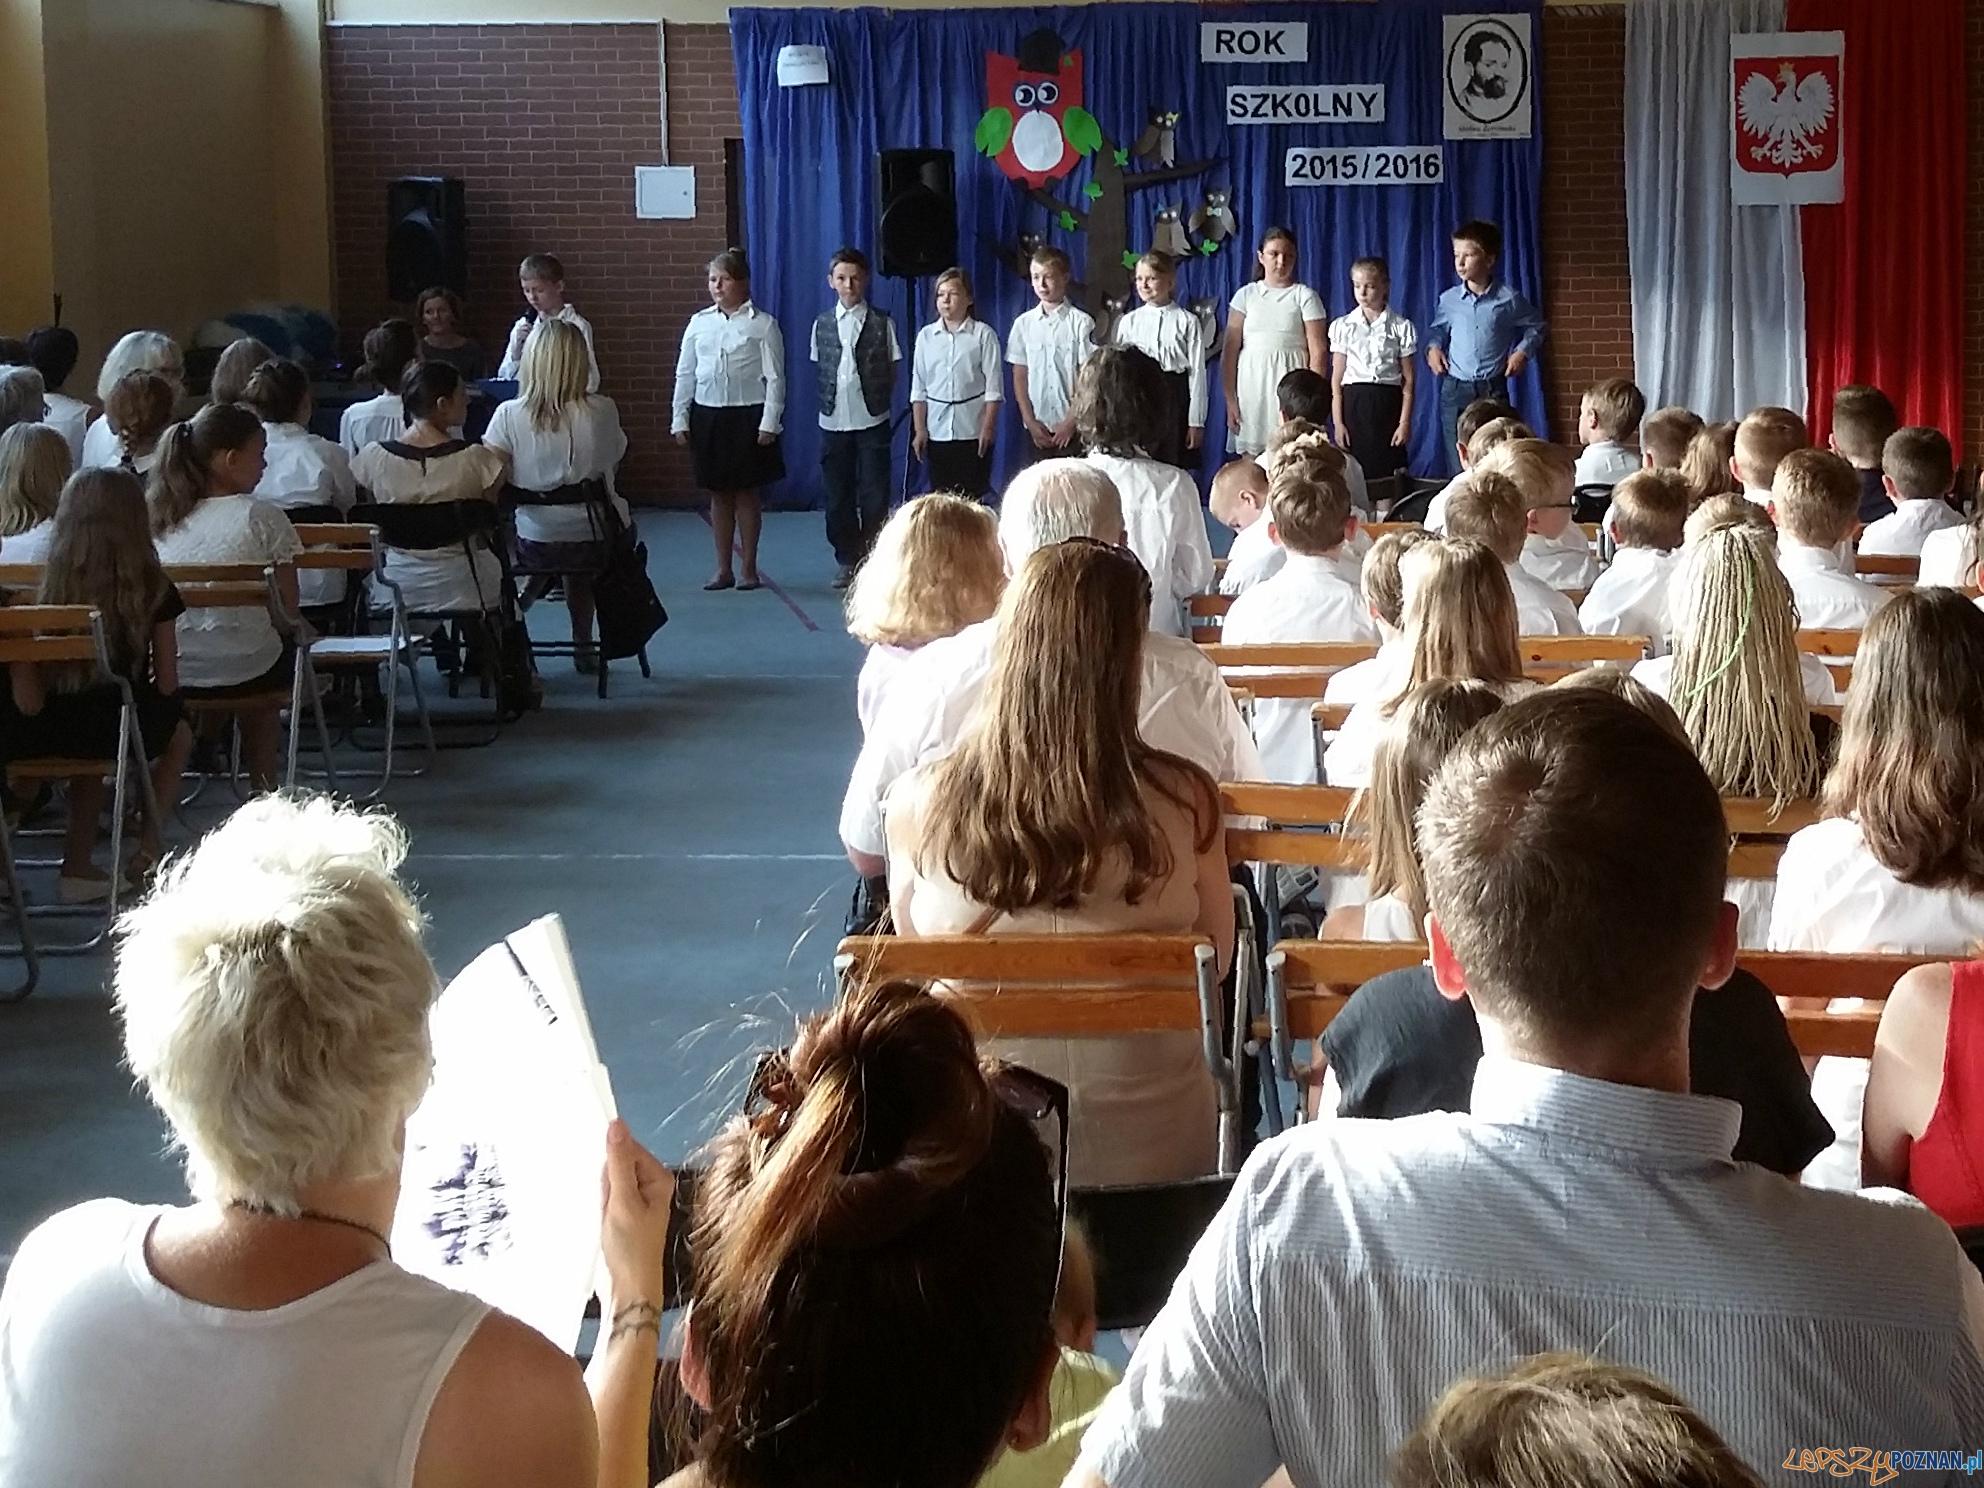 Czas wrócić do szkoły  Foto: fb.com/poznan.antoninek